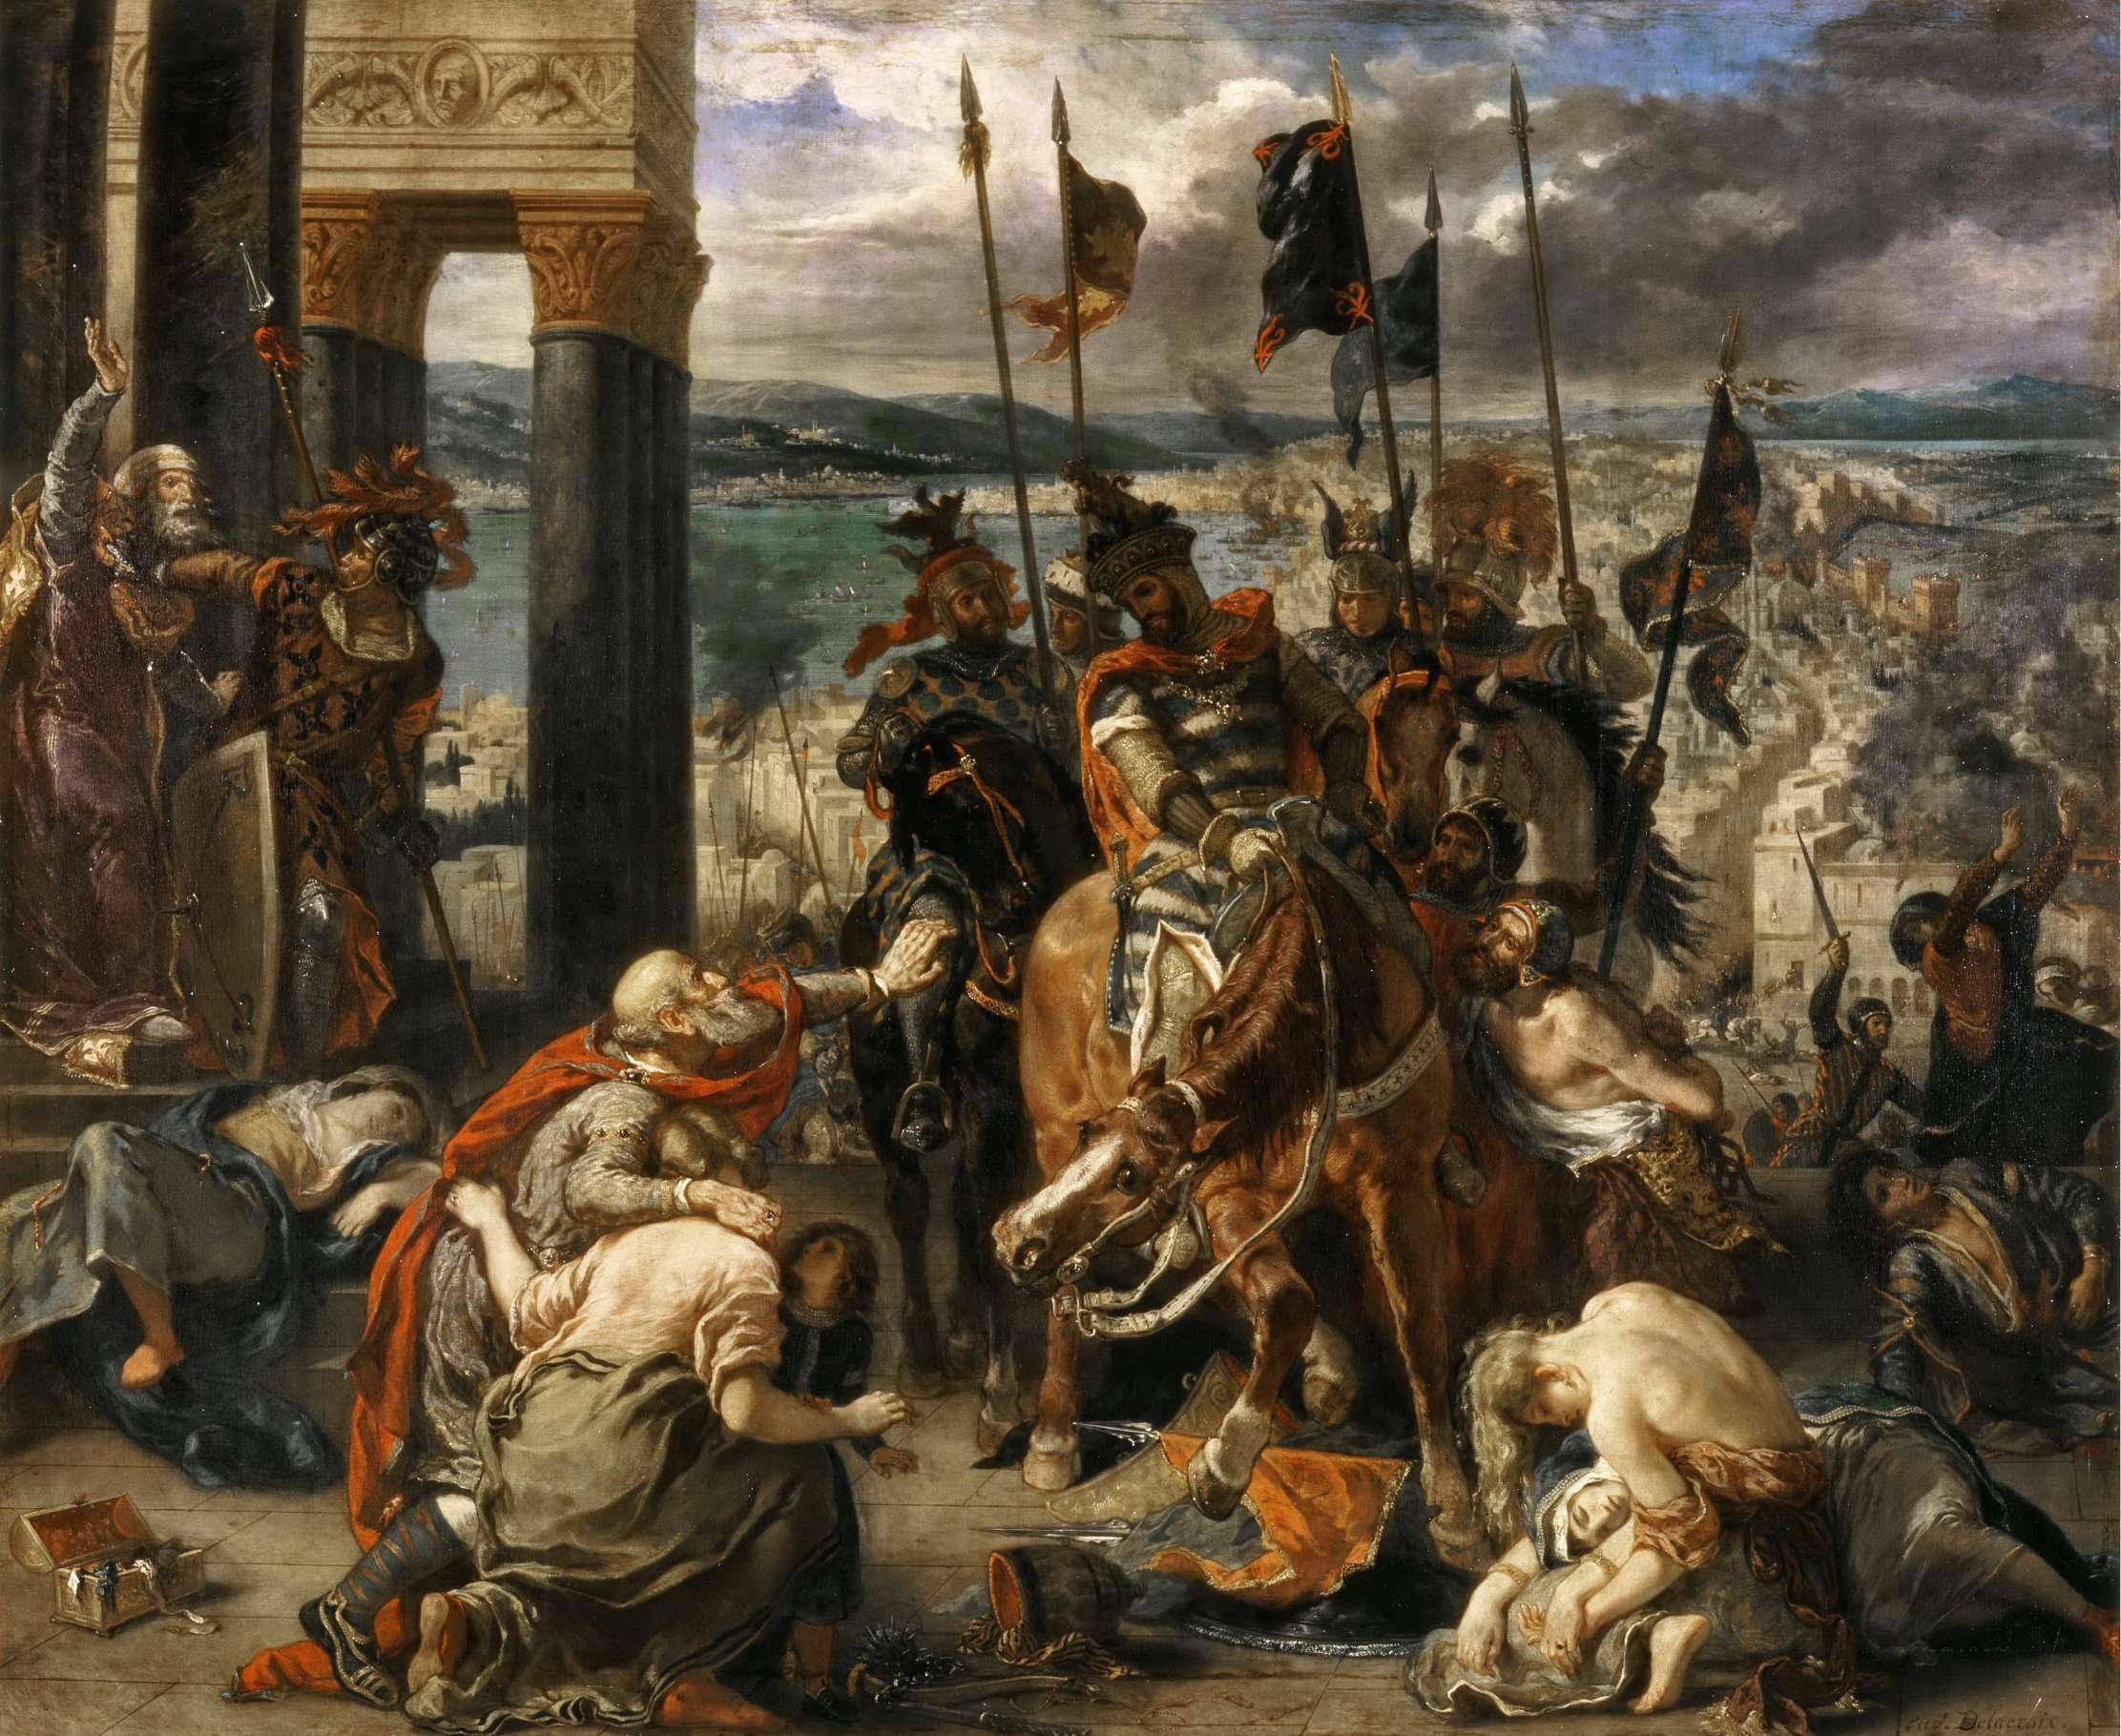 Η Άλωση της Κωνσταντινούπολης από τους Σταυροφόρους, έργο του Ντελακρουά.